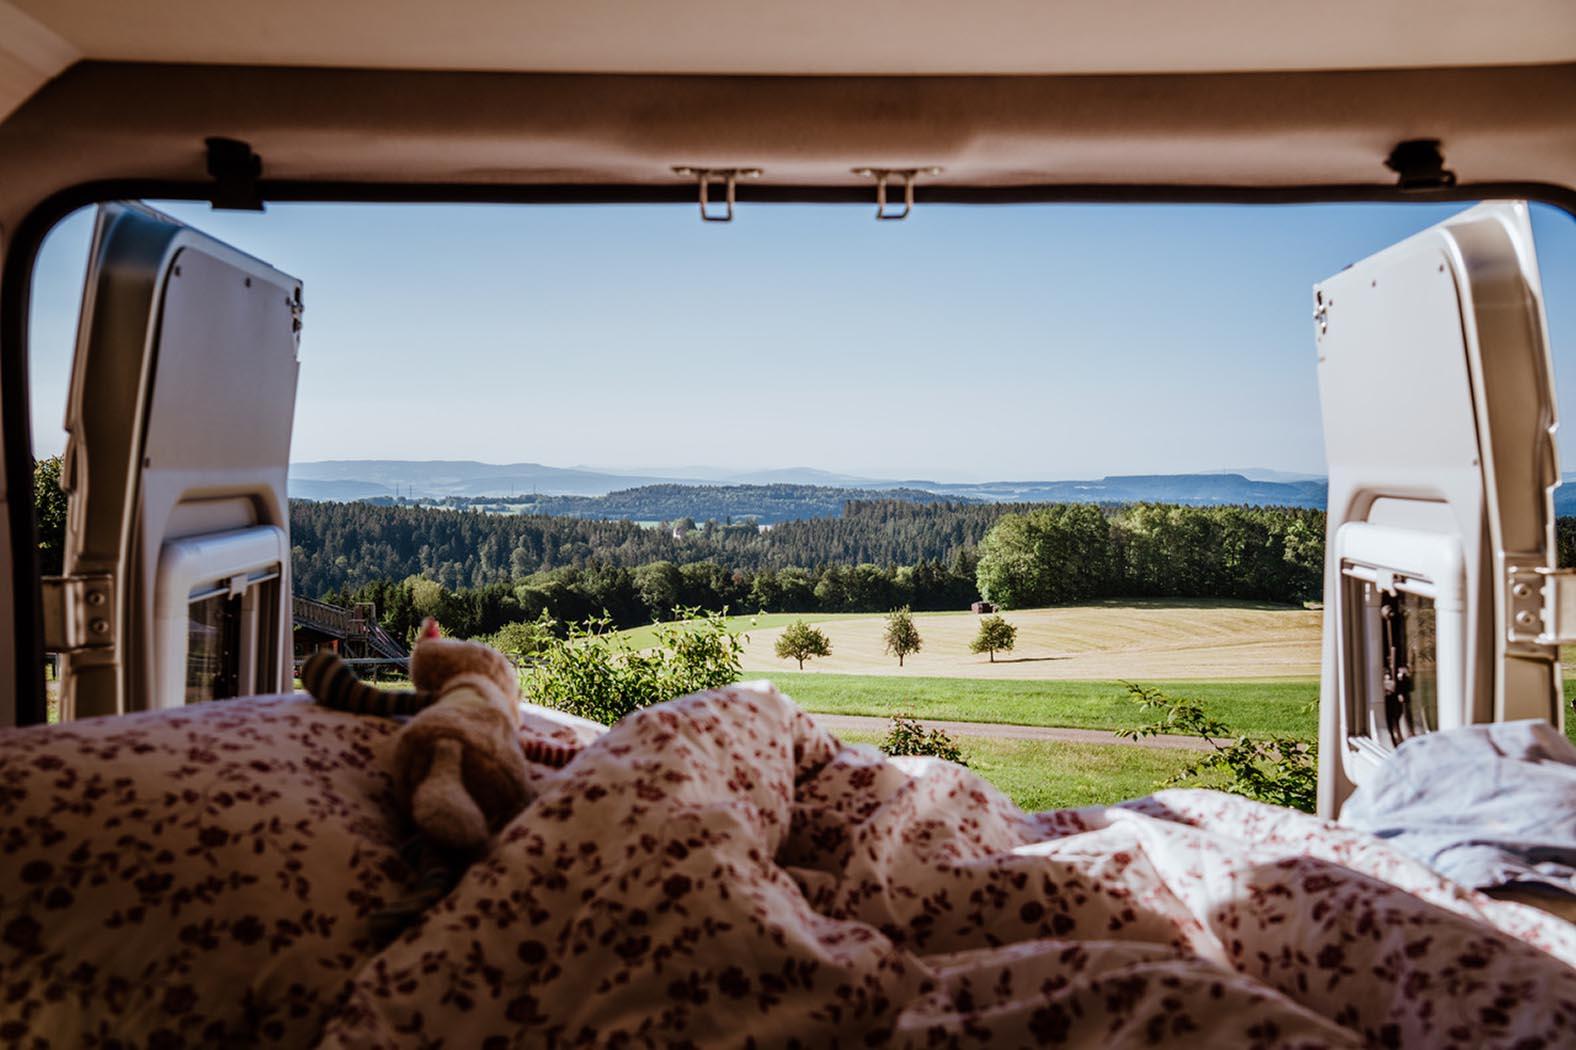 Die besten Campingplätze in Niedersachsen könnt ihr auf Landvergnügen entdecken